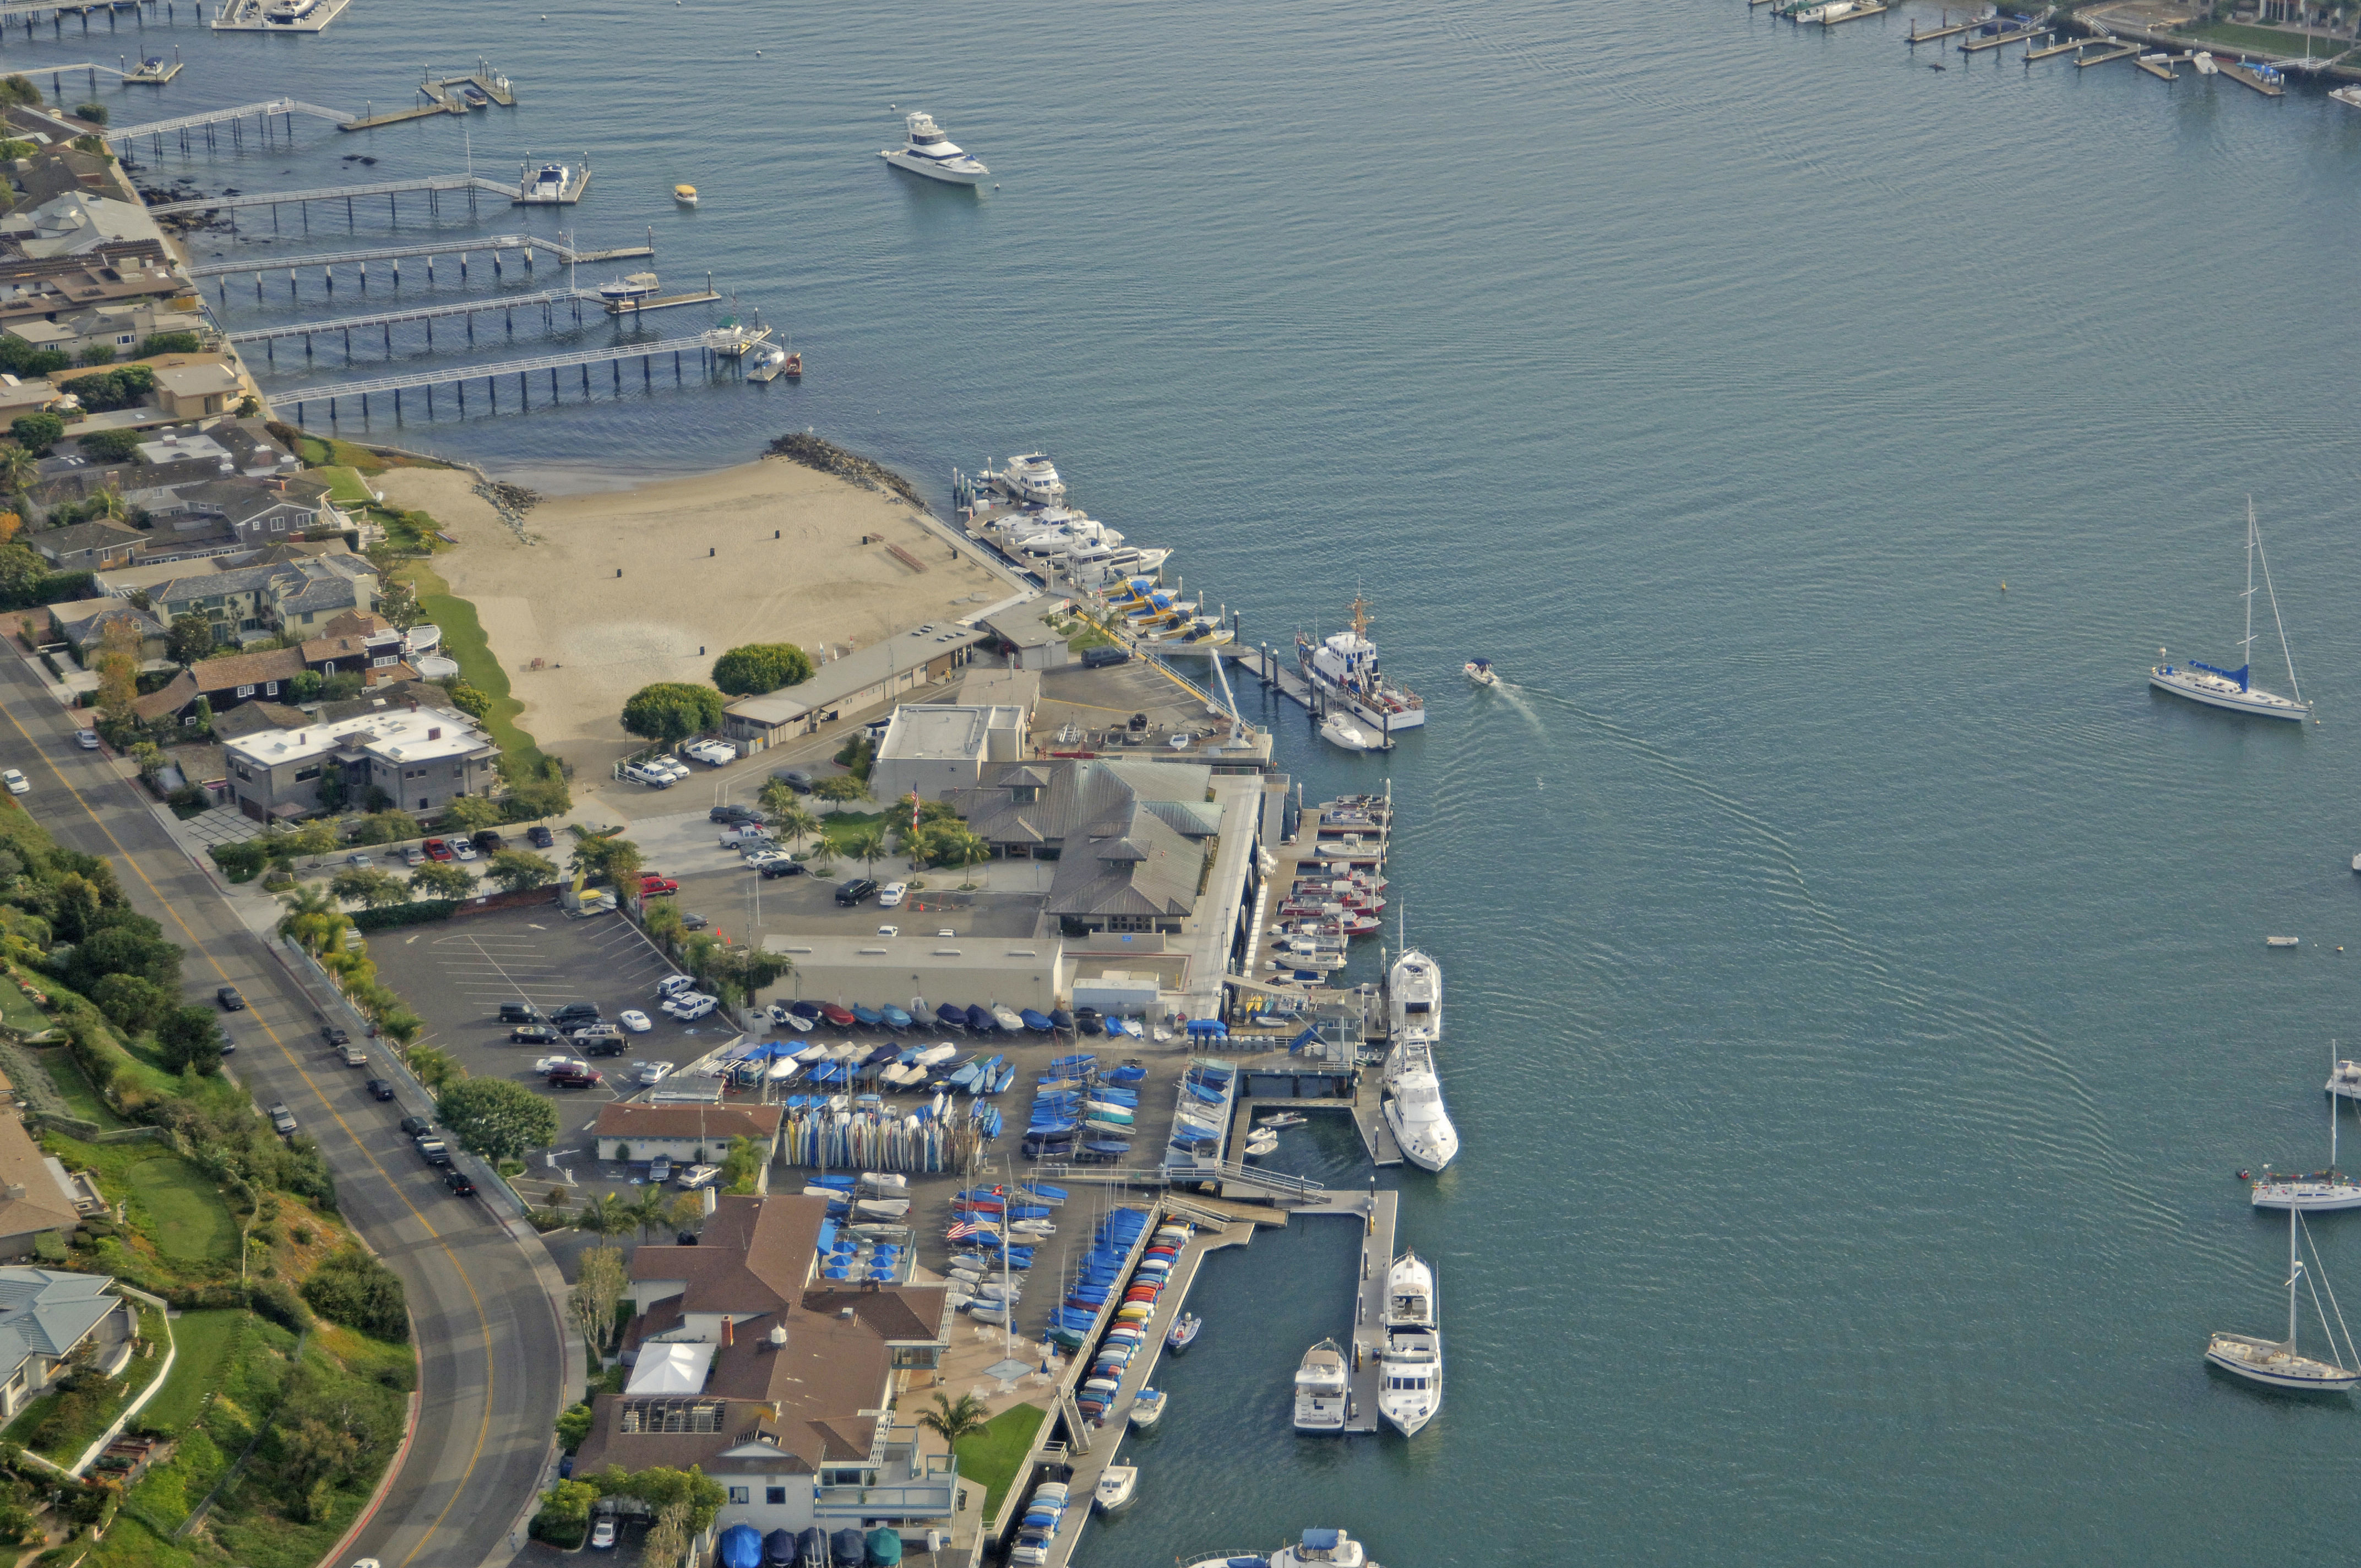 Newport Harbor Patrol Guest Dock In